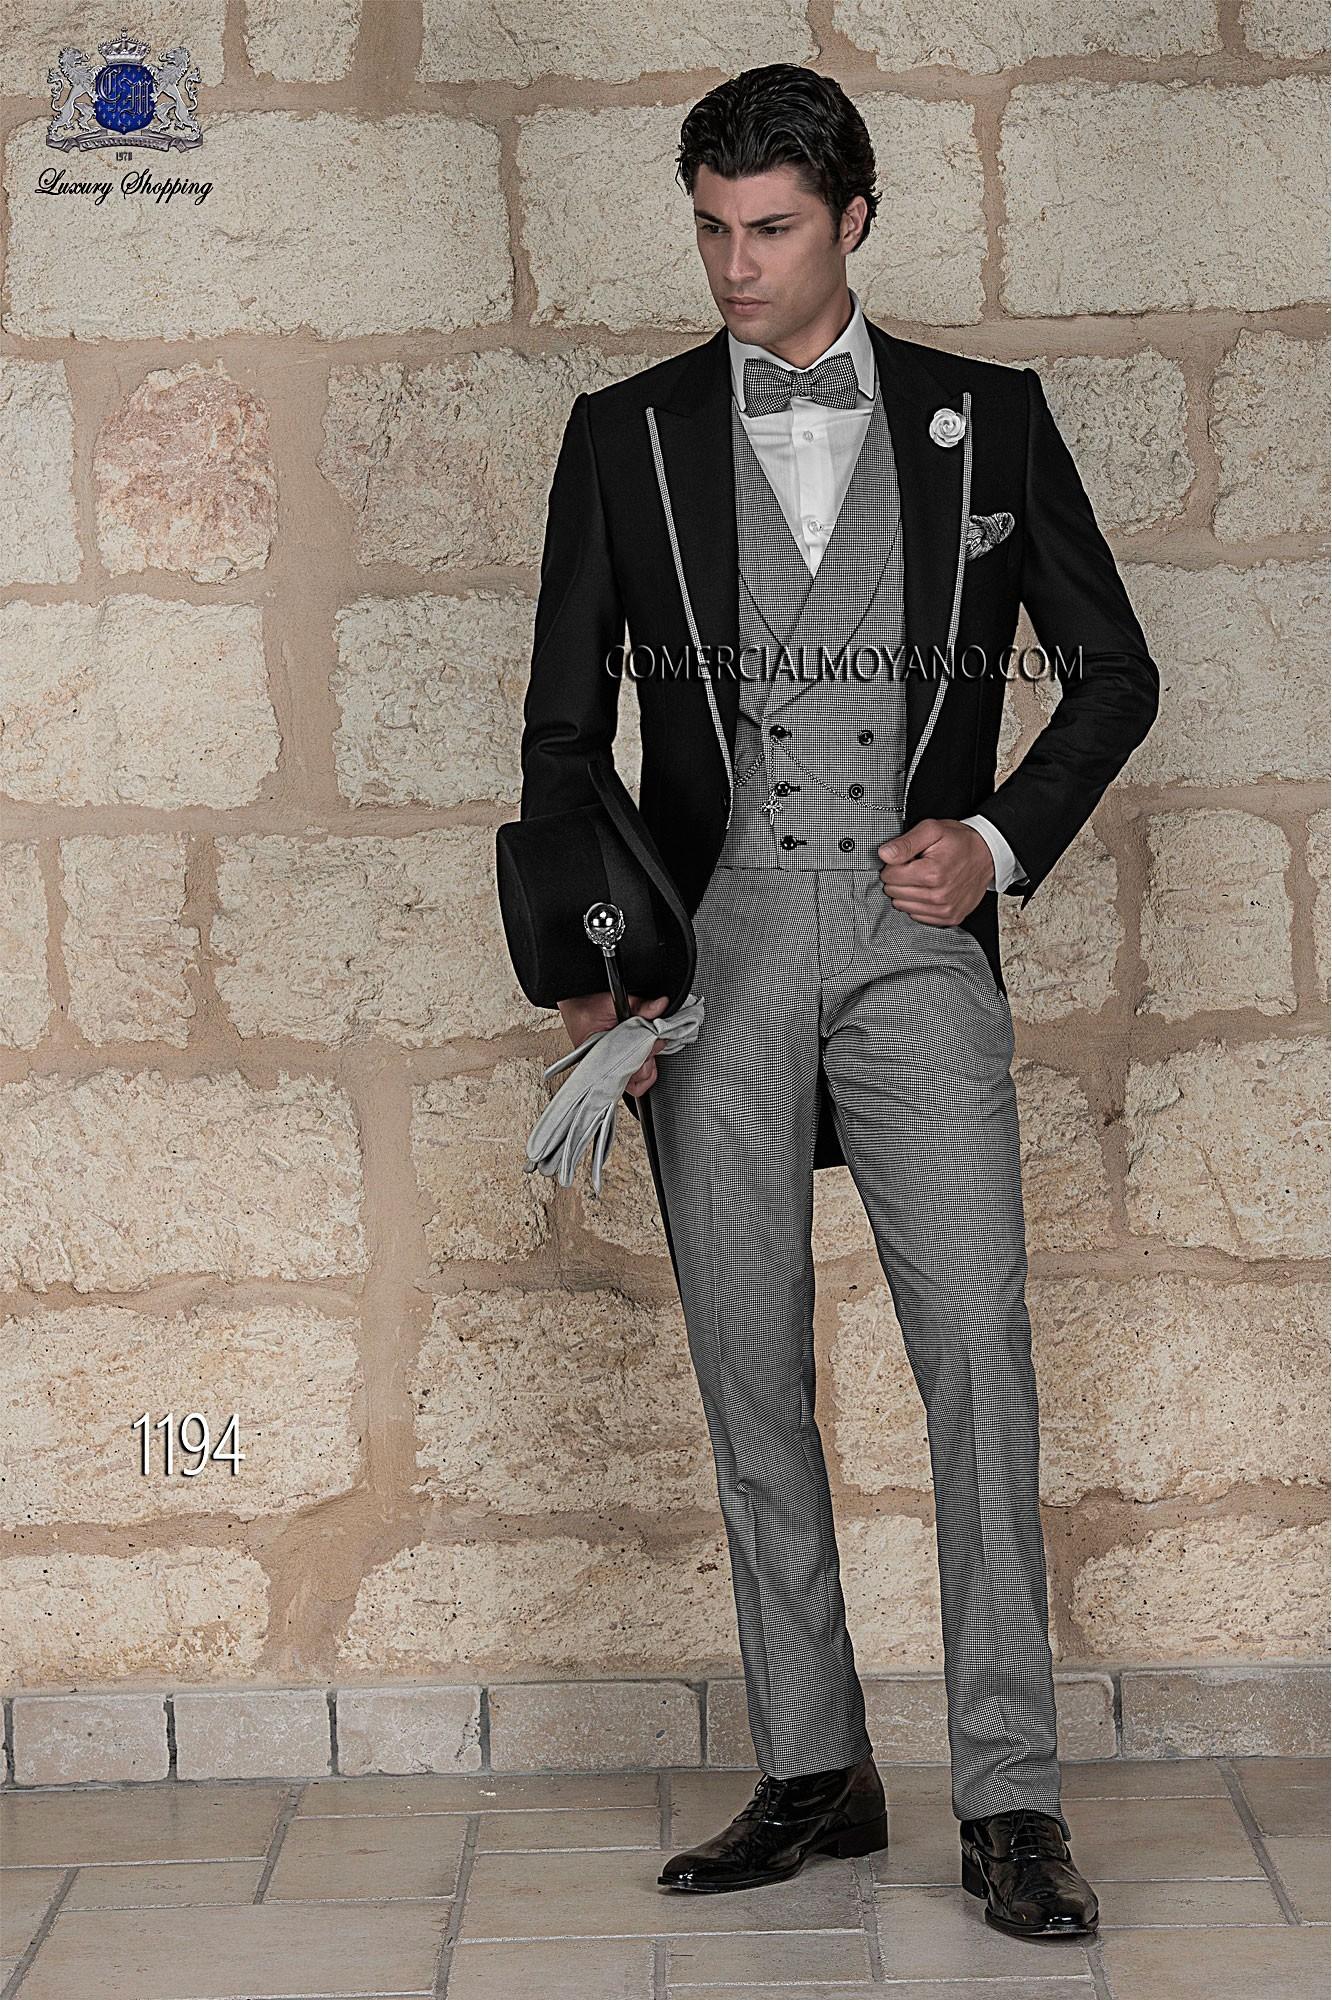 Traje de novio italiano negro modelo: 1194 Ottavio Nuccio Gala colección Gentleman